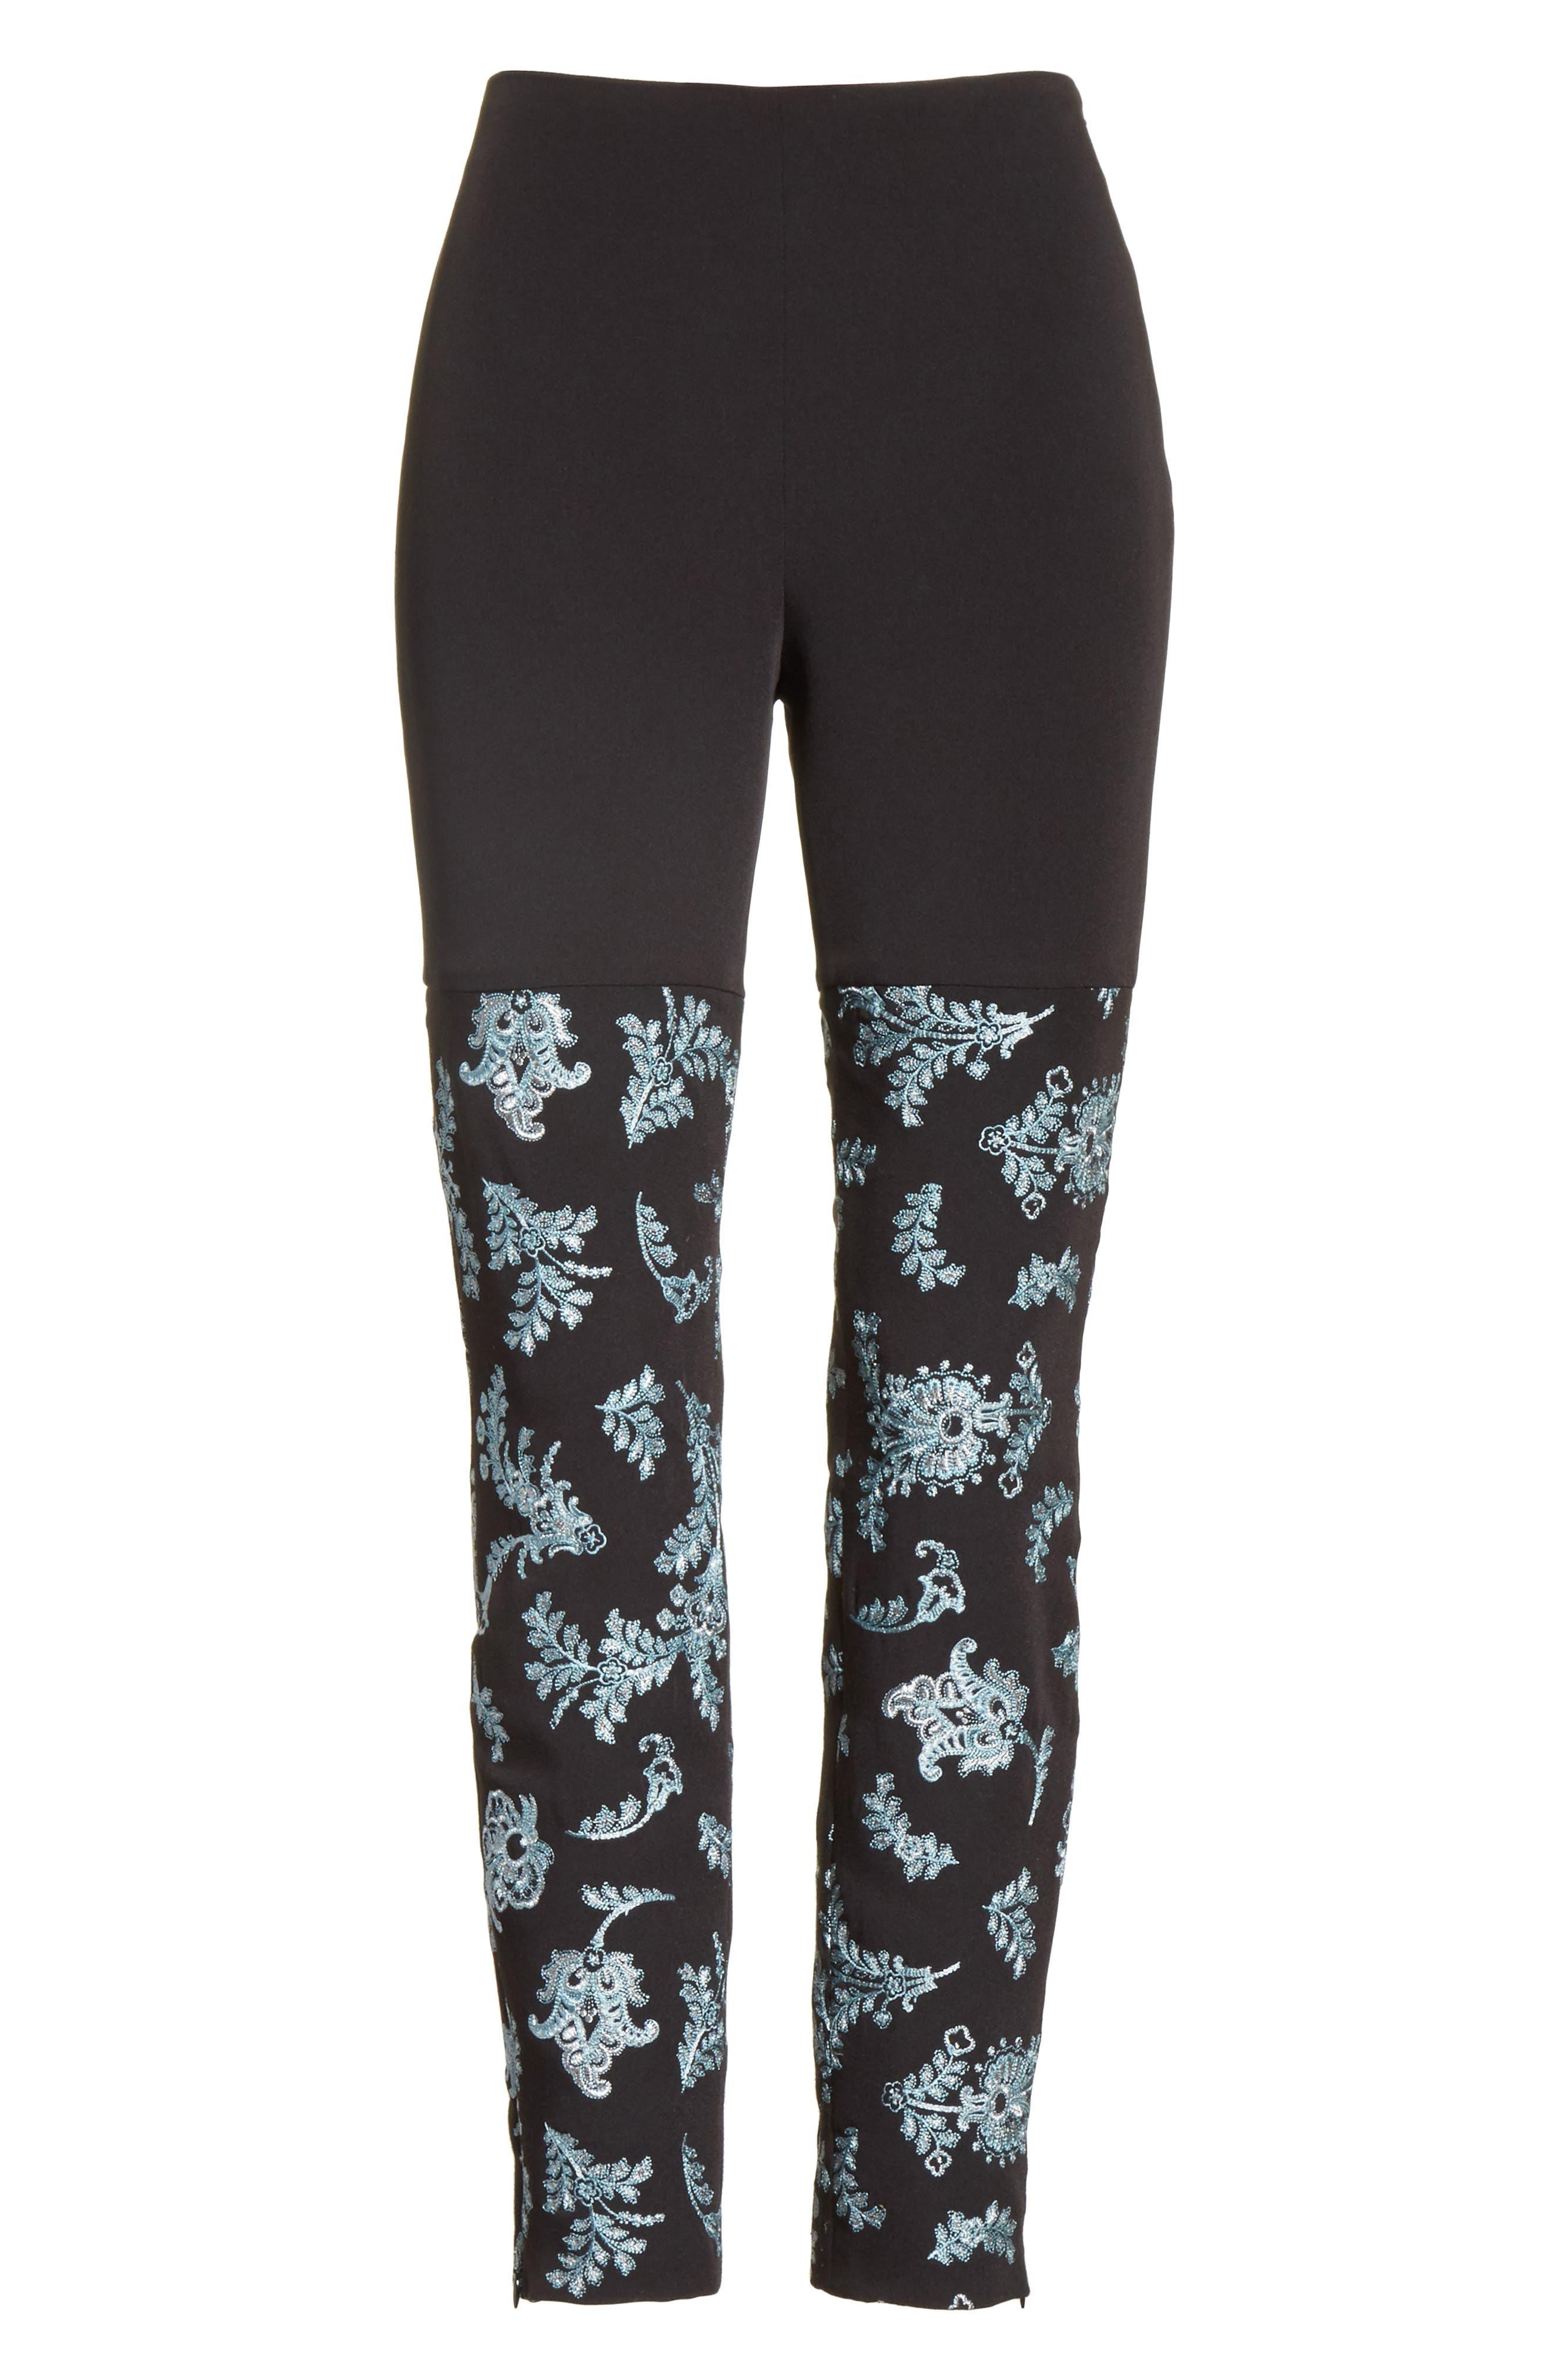 Marin Embroidered Leggings,                             Alternate thumbnail 7, color,                             Black/ Silver/ Sunshower